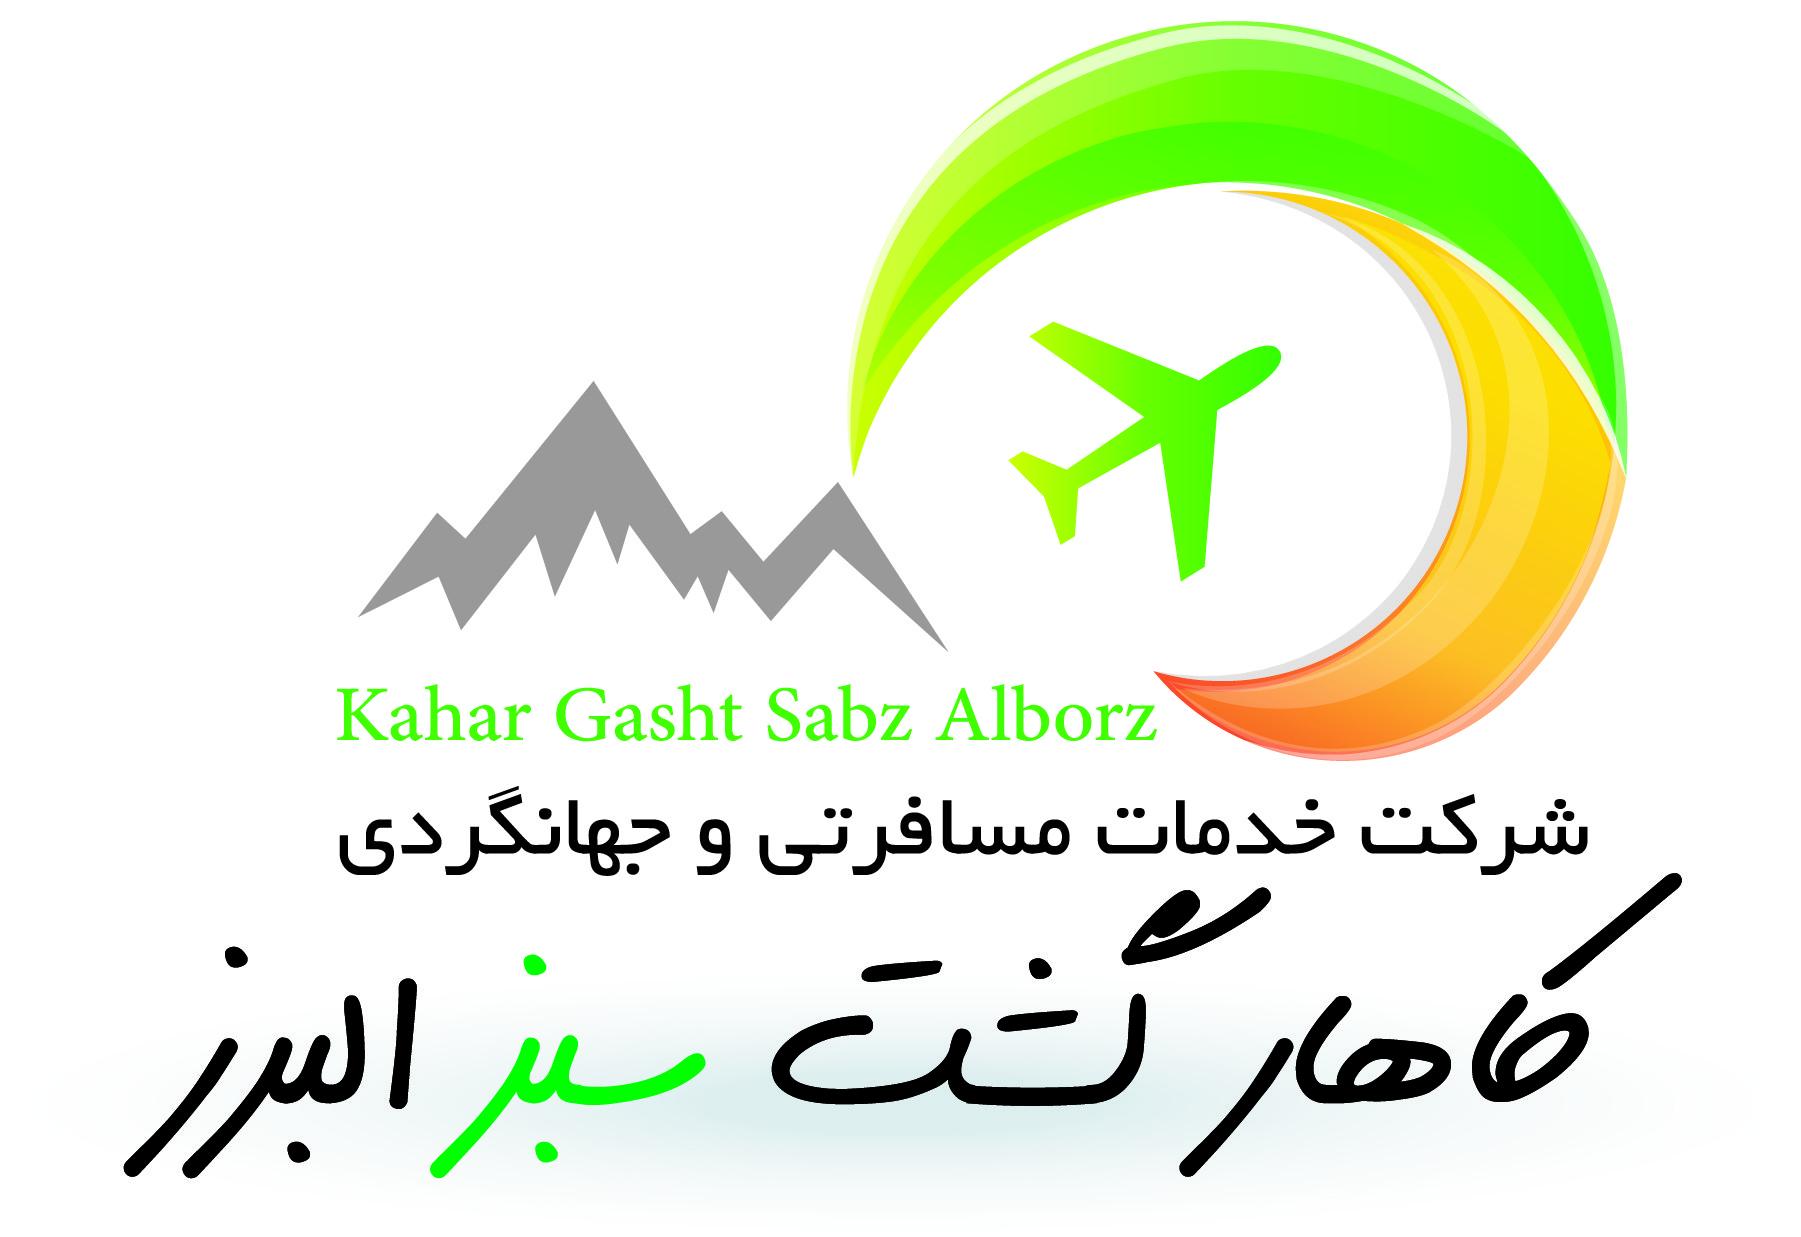 کاهارگشت سبز البرز